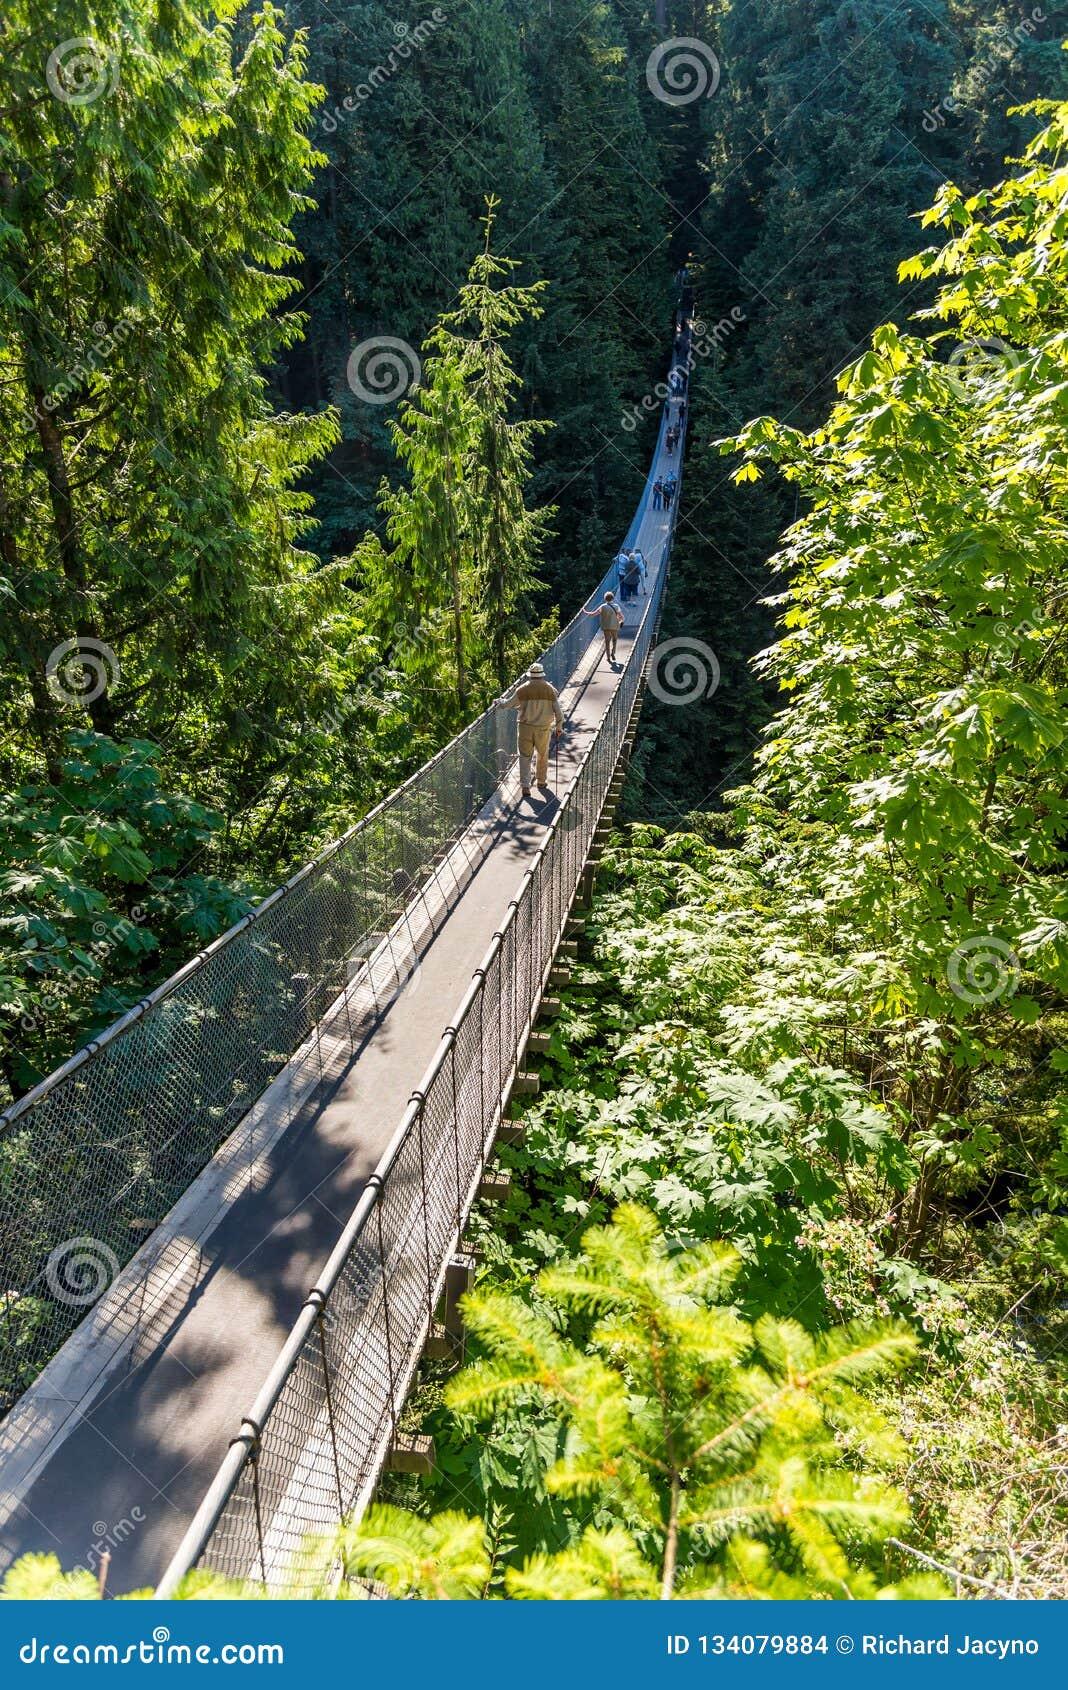 Gente en puente colgante de Capilano entre árboles